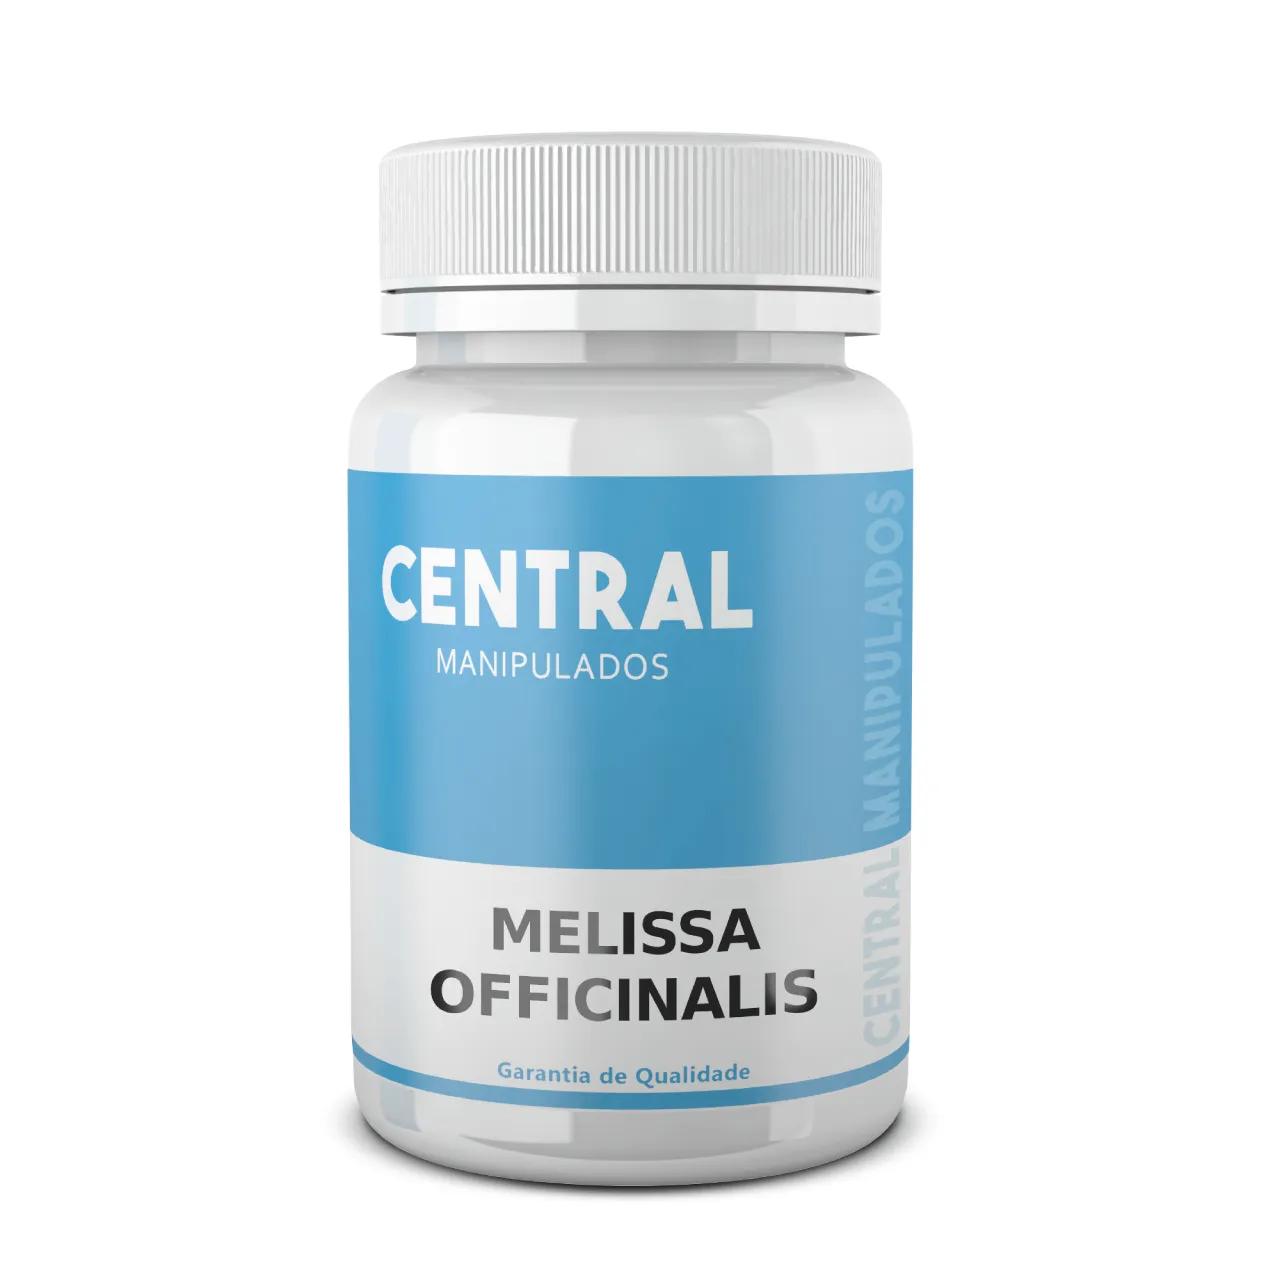 Melissa officinalis 500mg - 30 cápsulas - Auxilia no tratamento do nervosismo, agitação e distúrbios do sono, Alivia as dores de cabeça